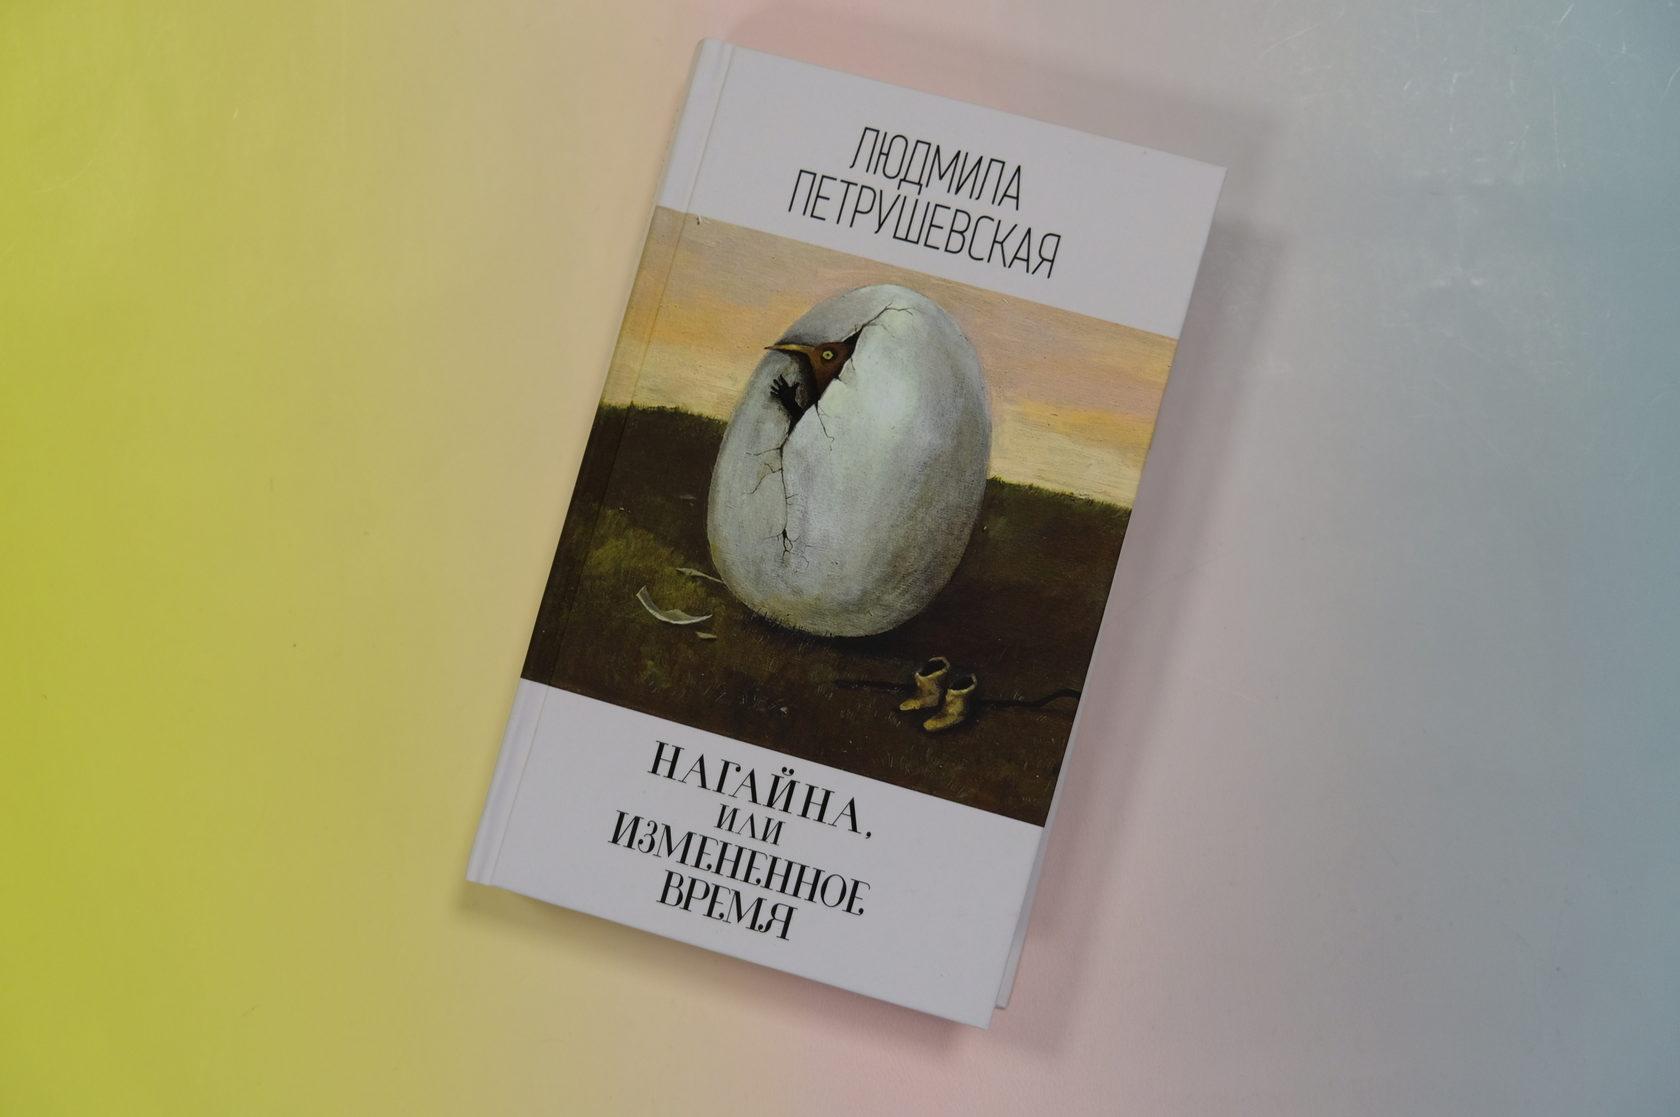 Купить книгу Людмила Петрушевская «Нагайна, или Измененное время»  978-5-04-101036-2